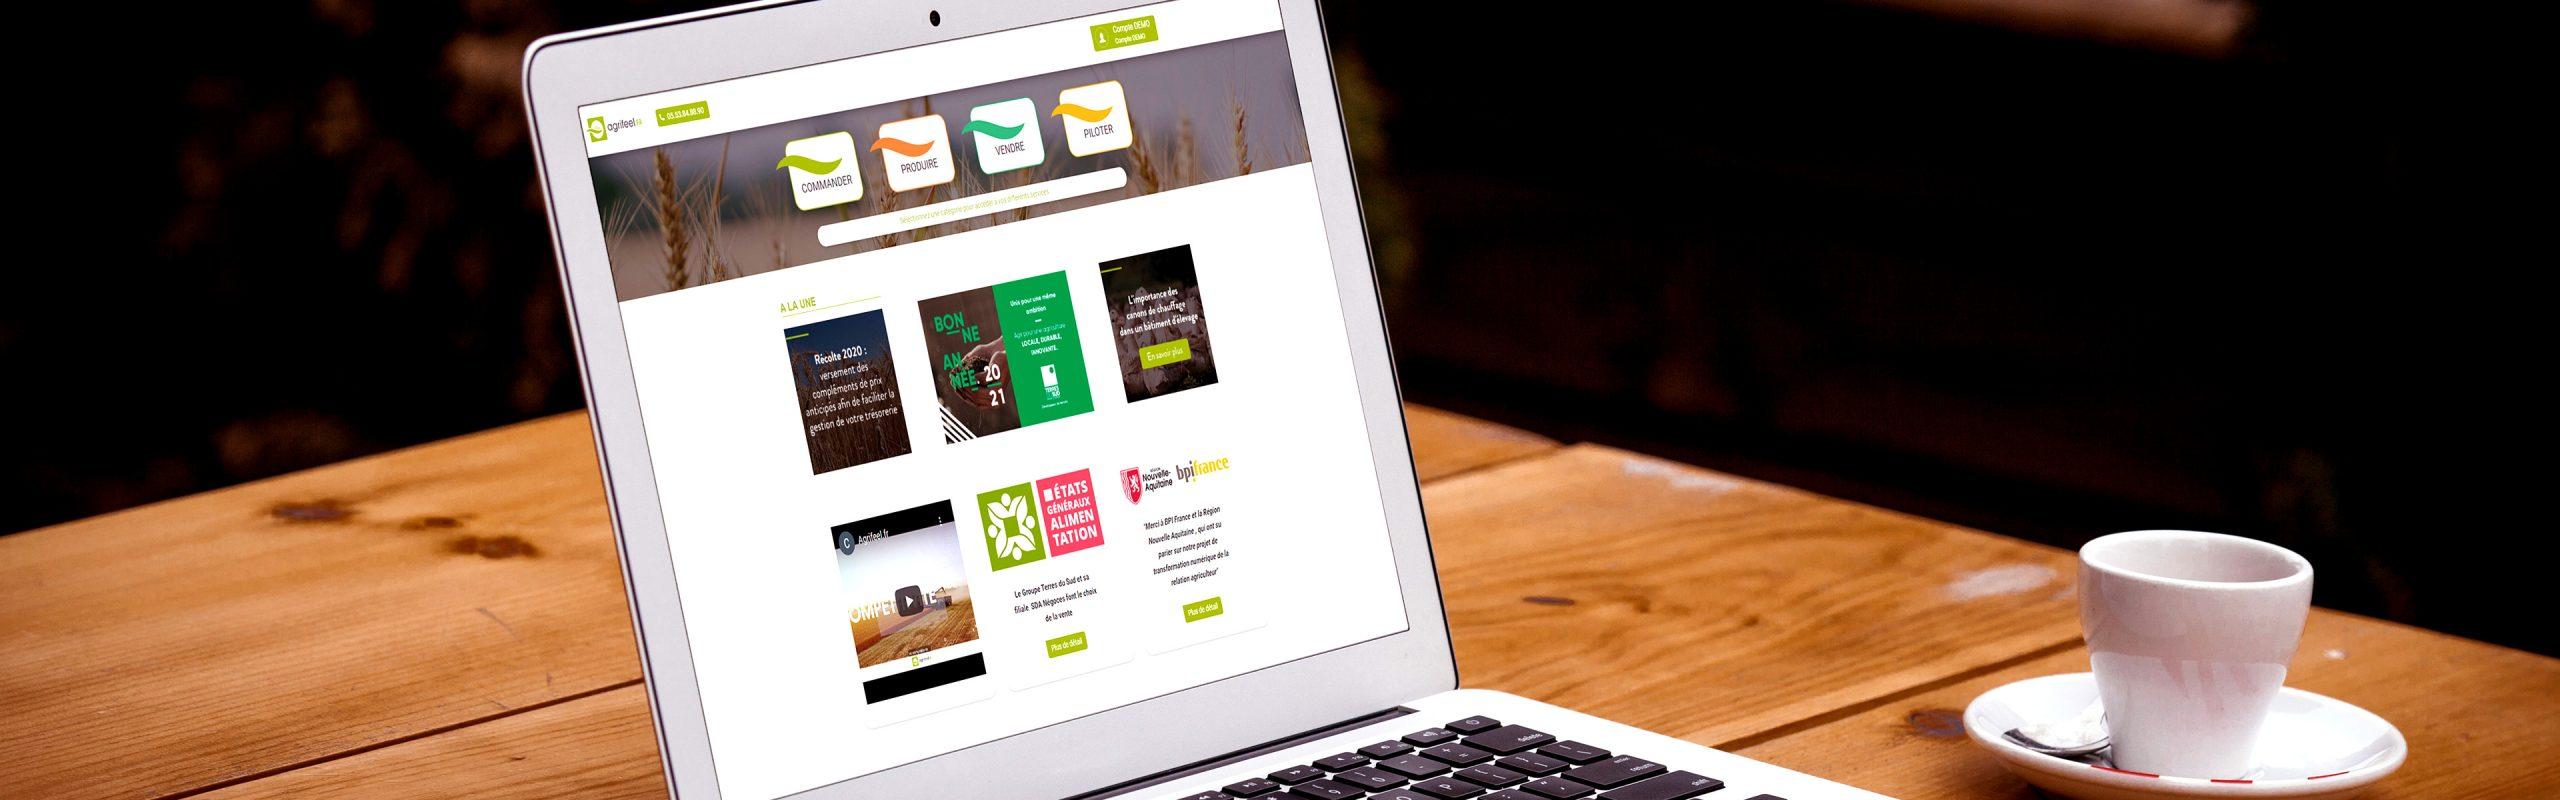 Agrifeel.fr, la 1ere plateforme digitale du secteur agricole tout-en-un du groupe terres du sud